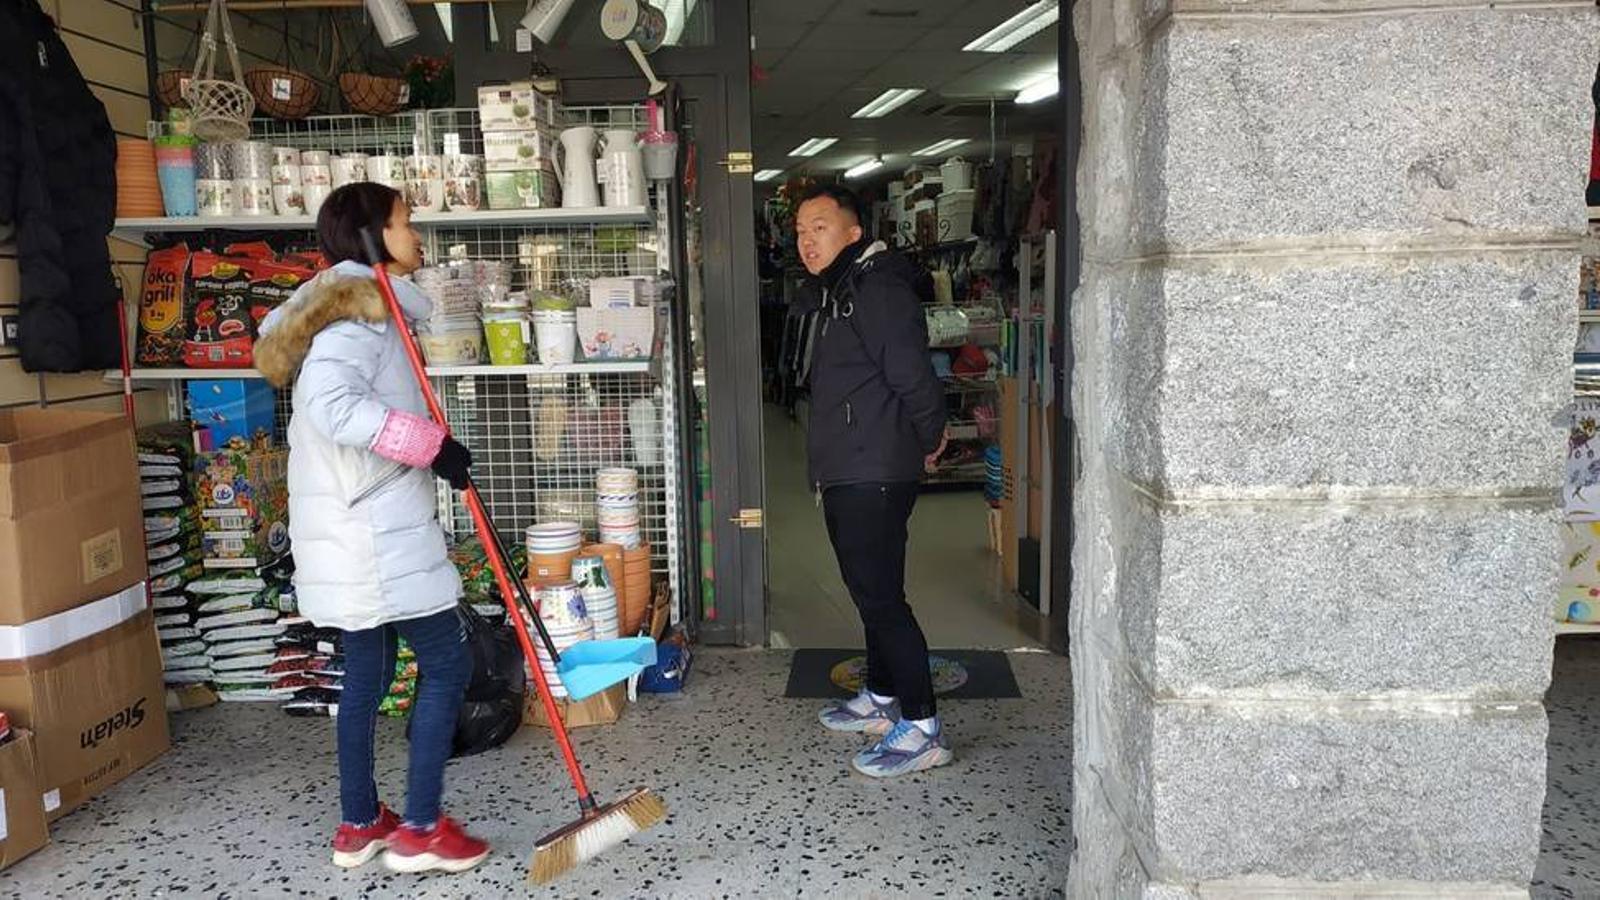 Una botiga regentada per xinesos, en una imatge d'arxiu. / ARXIU ANA